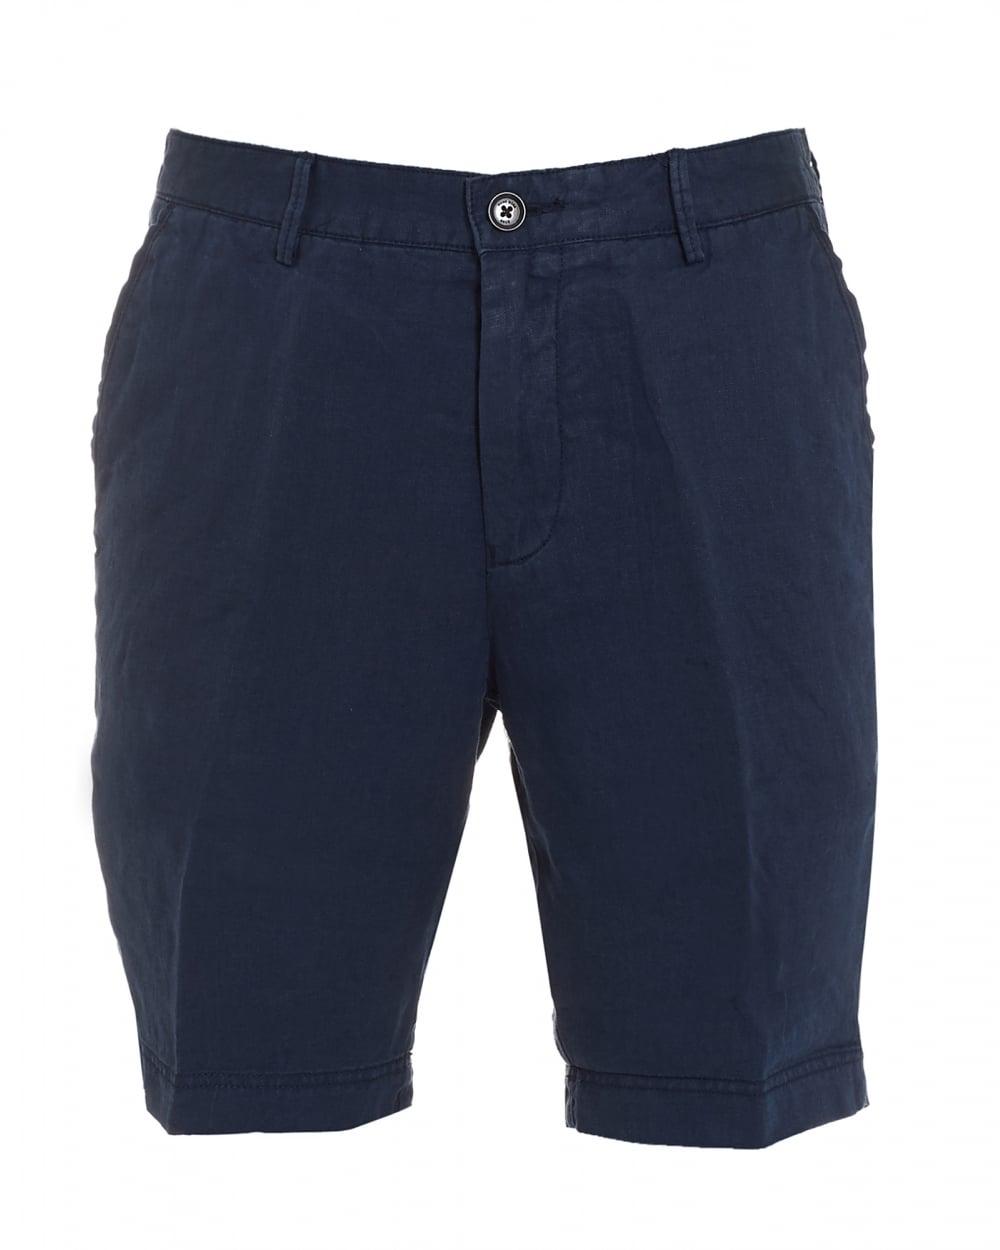 Mens Crigan-Short, Navy Blue Regular Fit Linen Shorts